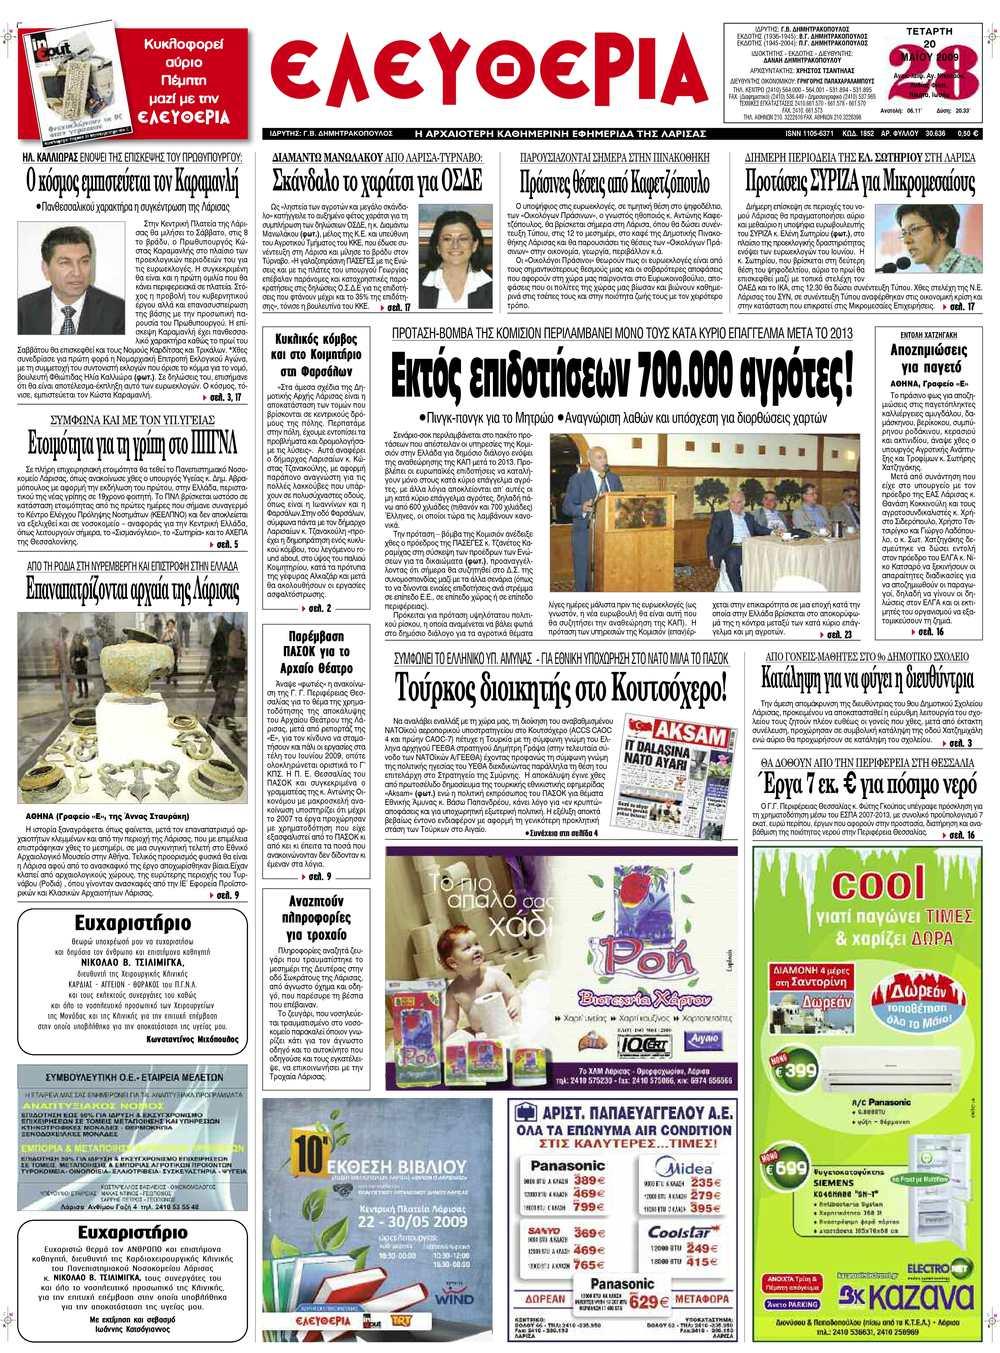 Calaméo - Eleftheria.gr 20 5 2009 9b3a863c4fc